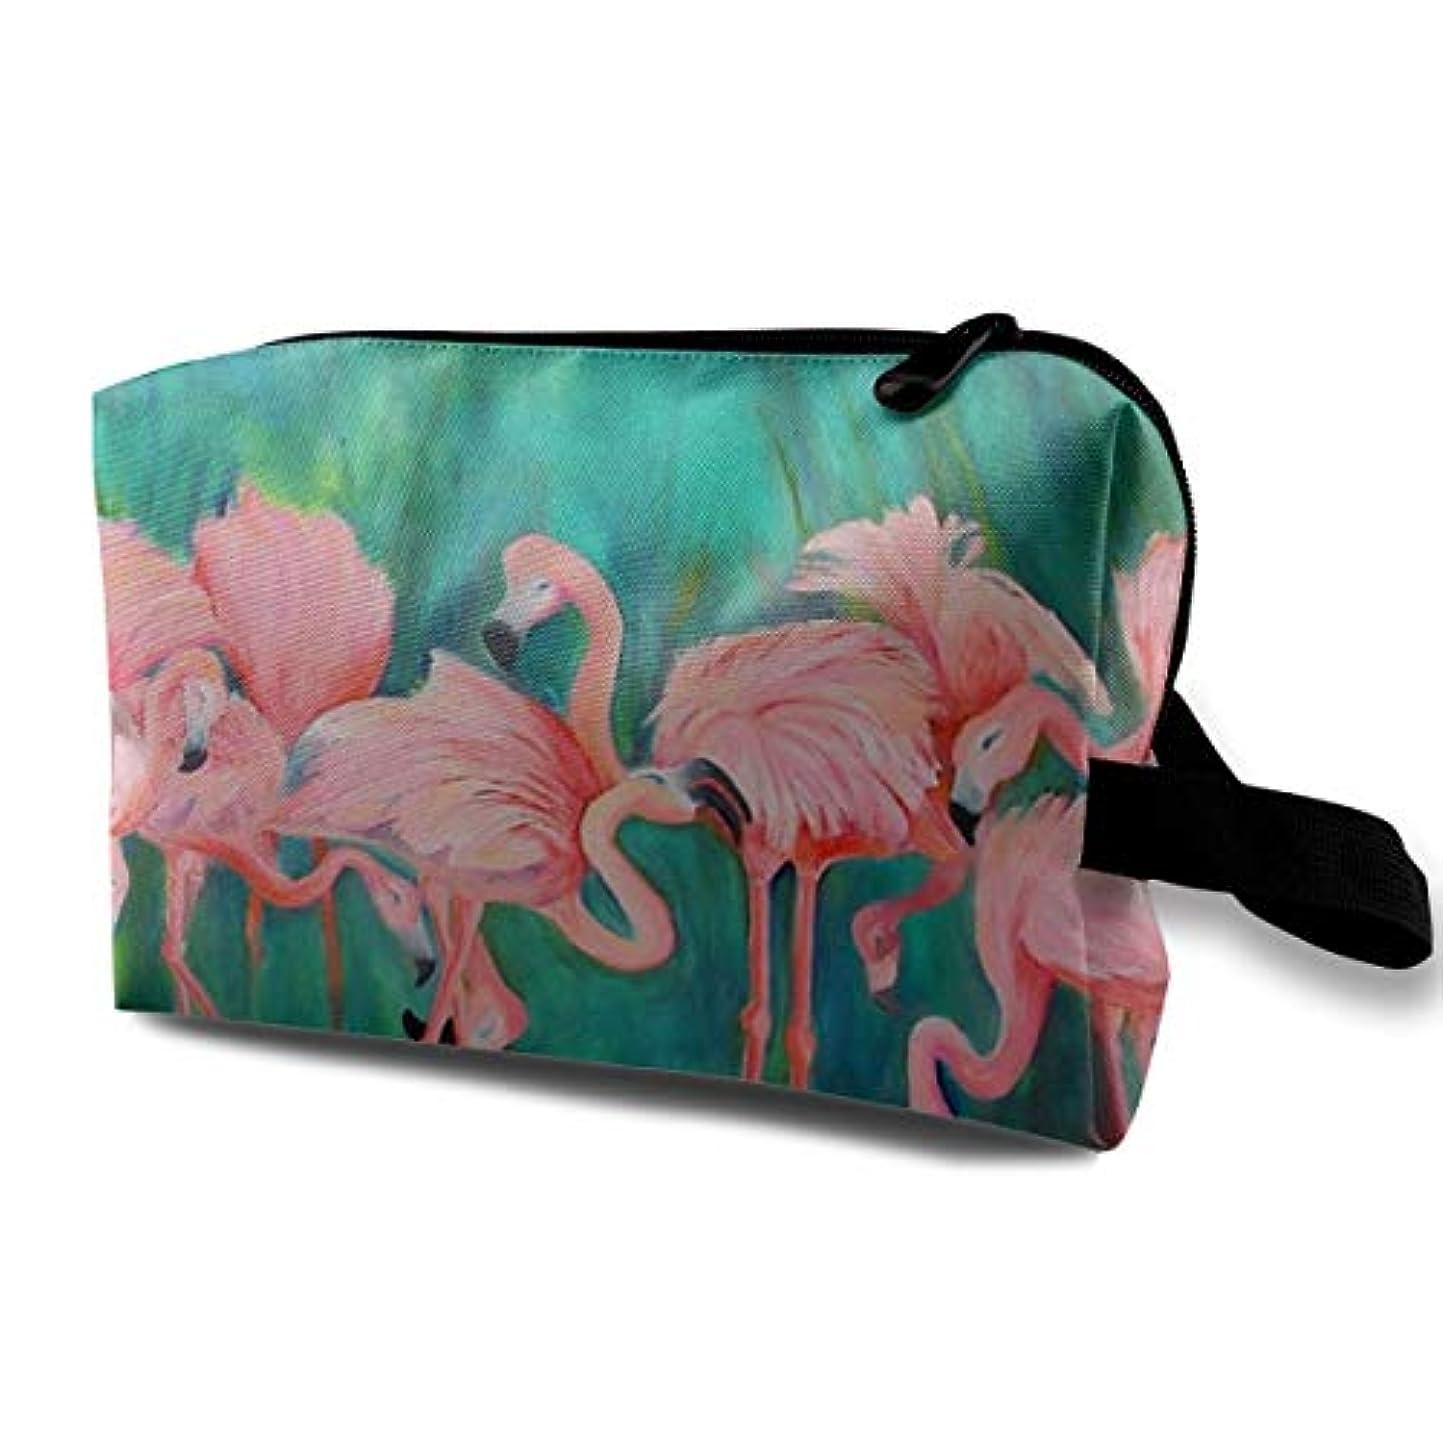 ラフレシアアルノルディベアリング肥料Pink Flamingos 収納ポーチ 化粧ポーチ 大容量 軽量 耐久性 ハンドル付持ち運び便利。入れ 自宅?出張?旅行?アウトドア撮影などに対応。メンズ レディース トラベルグッズ